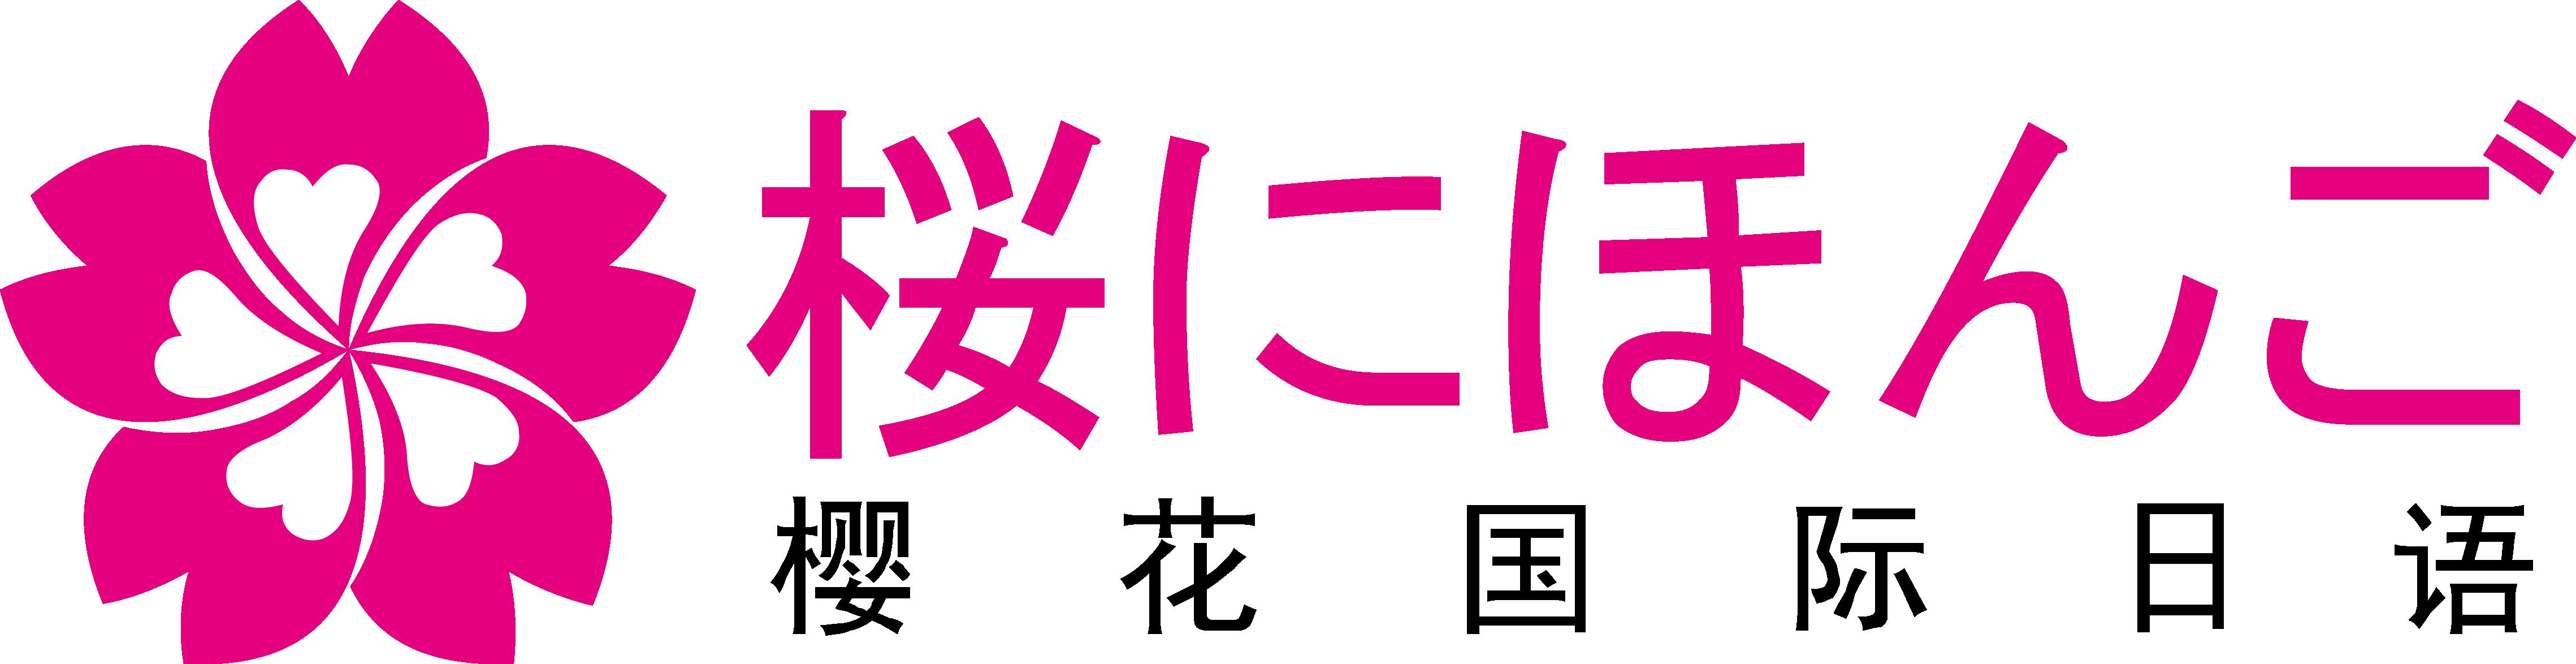 樱花国际日语本部长助理(渠道担当)日企招聘信息